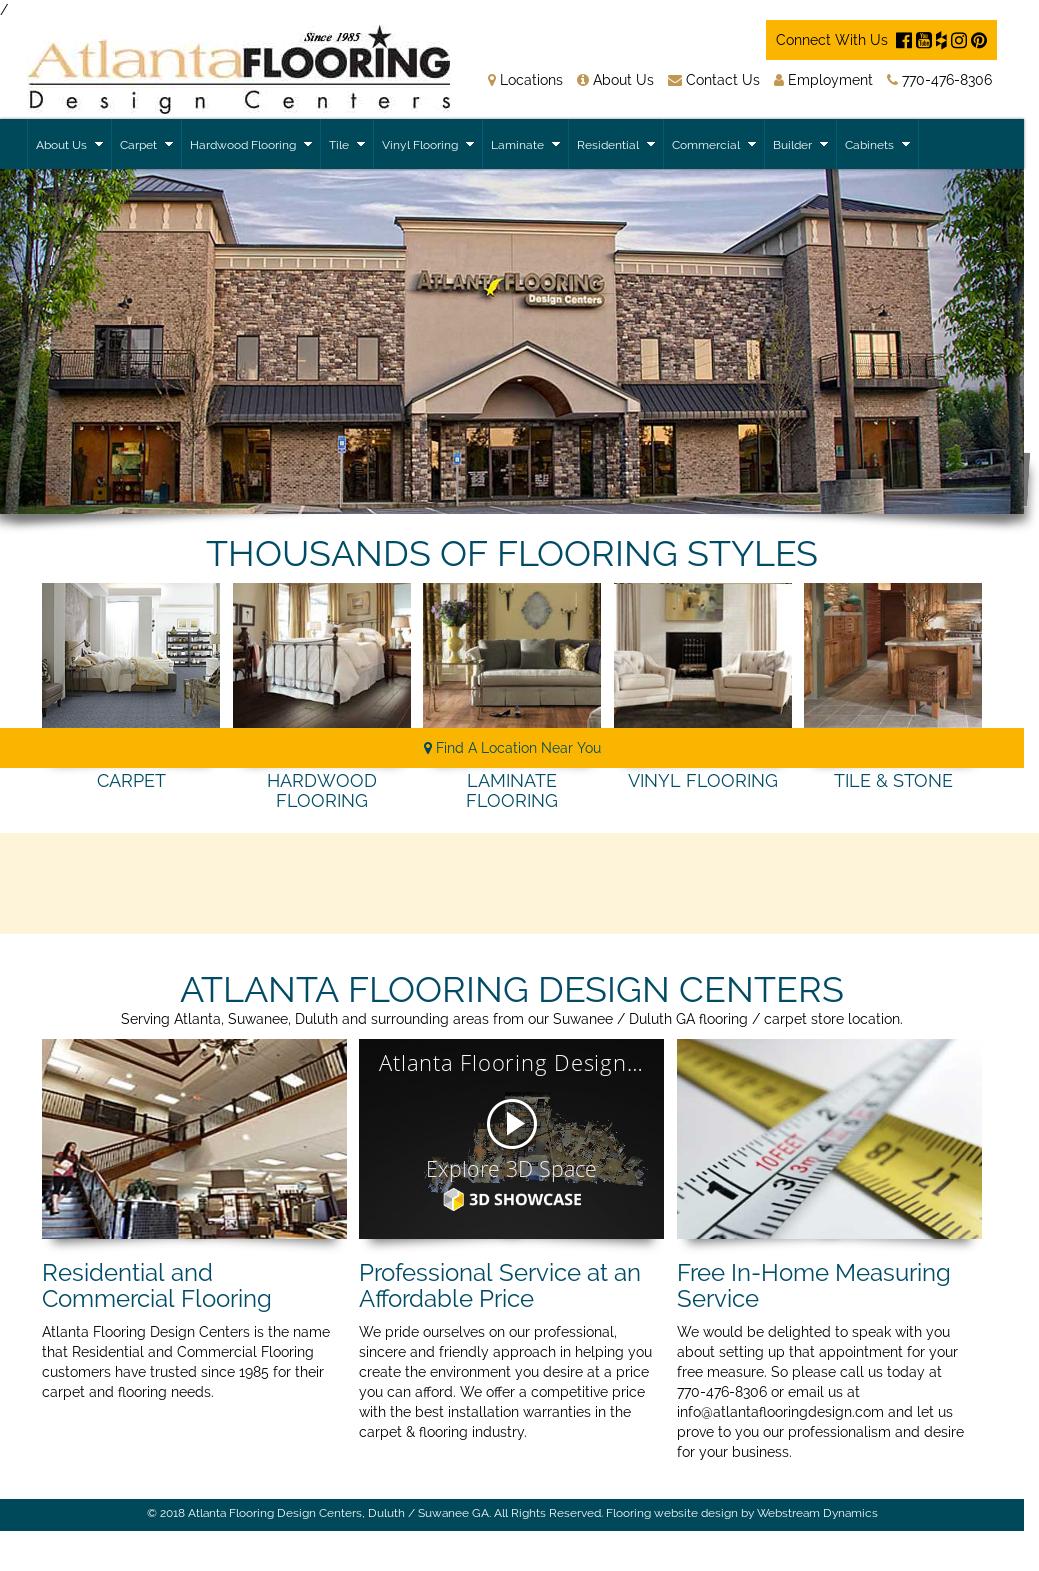 Atlanta Flooring Design Center Competitors Revenue And Employees